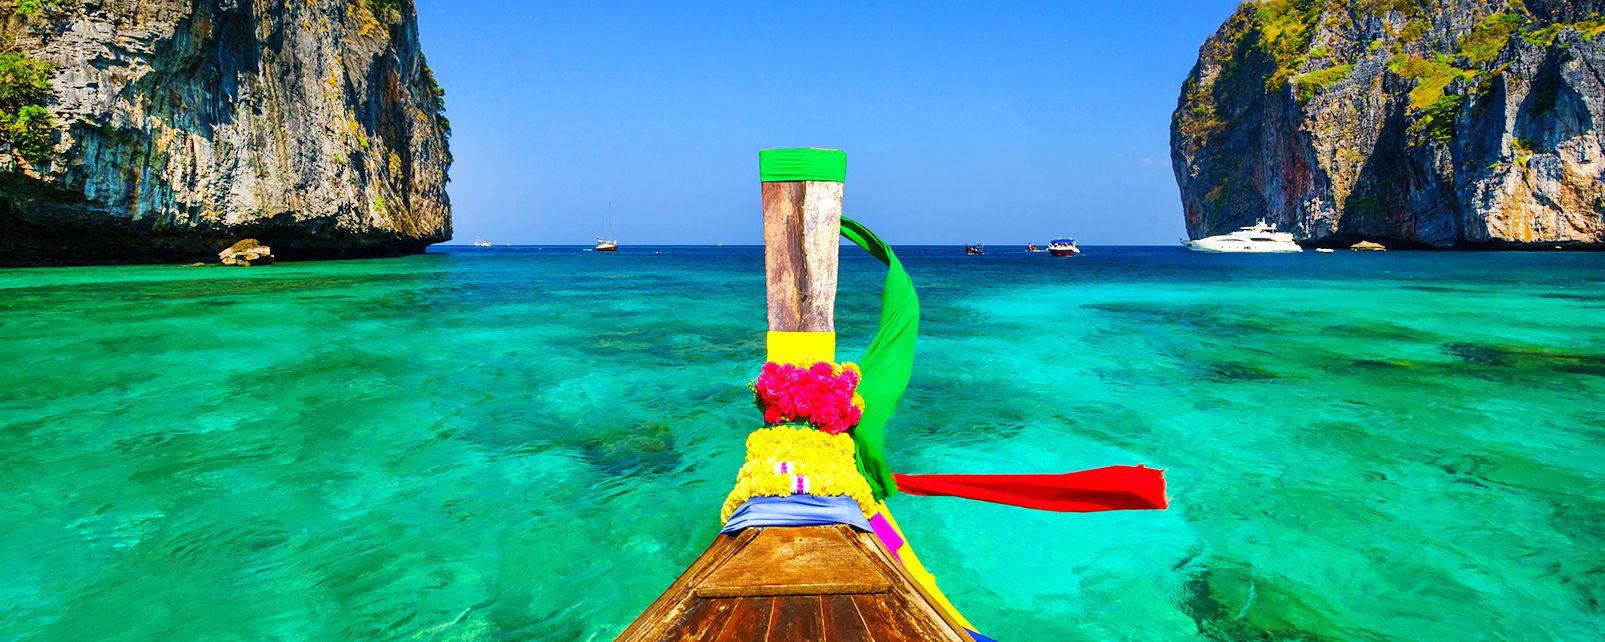 Les îles de Koh Phi Phi, Les côtes, Koh Phi Phi, Thaïlande